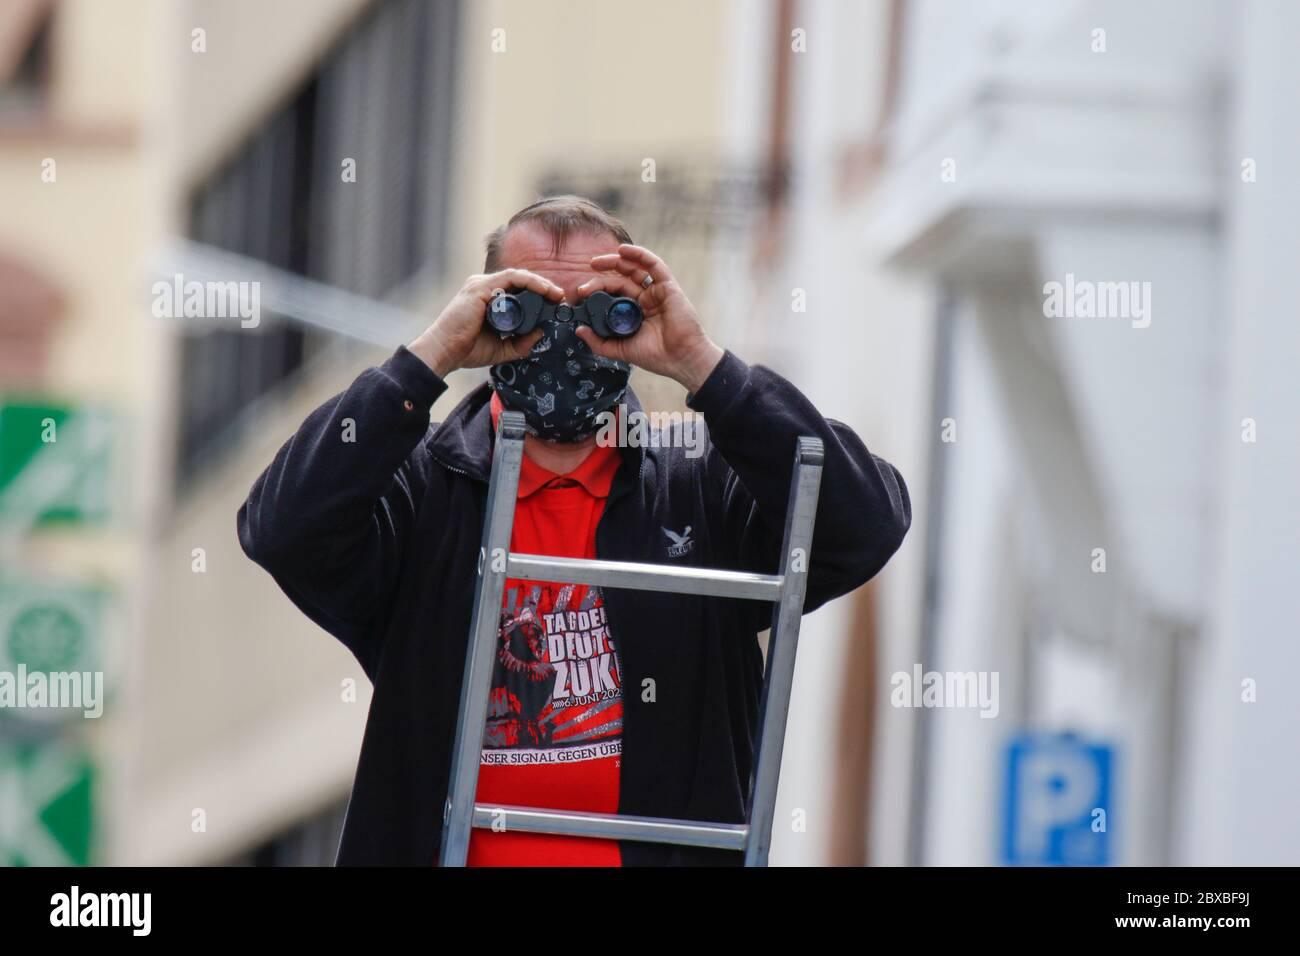 Worm, Germania. 6 giugno 2020. Un protettrice di destra si trova su una scala, guardando lungo il percorso di protesta con binocoli. Circa 50 manifestanti di destra hanno marciato attraverso il centro di Worms per il 12. E l'ultimo 'giorno del futuro tedesco'. La marcia è stata ridotta a causa di diverse centinaia di contronestori che hanno bloccato la strada della marcia di destra. la marcia è stata un evento annuale di destra in diverse città tedesche che ha attirato oltre 1000 manifestanti al suo massimo livello. Foto Stock